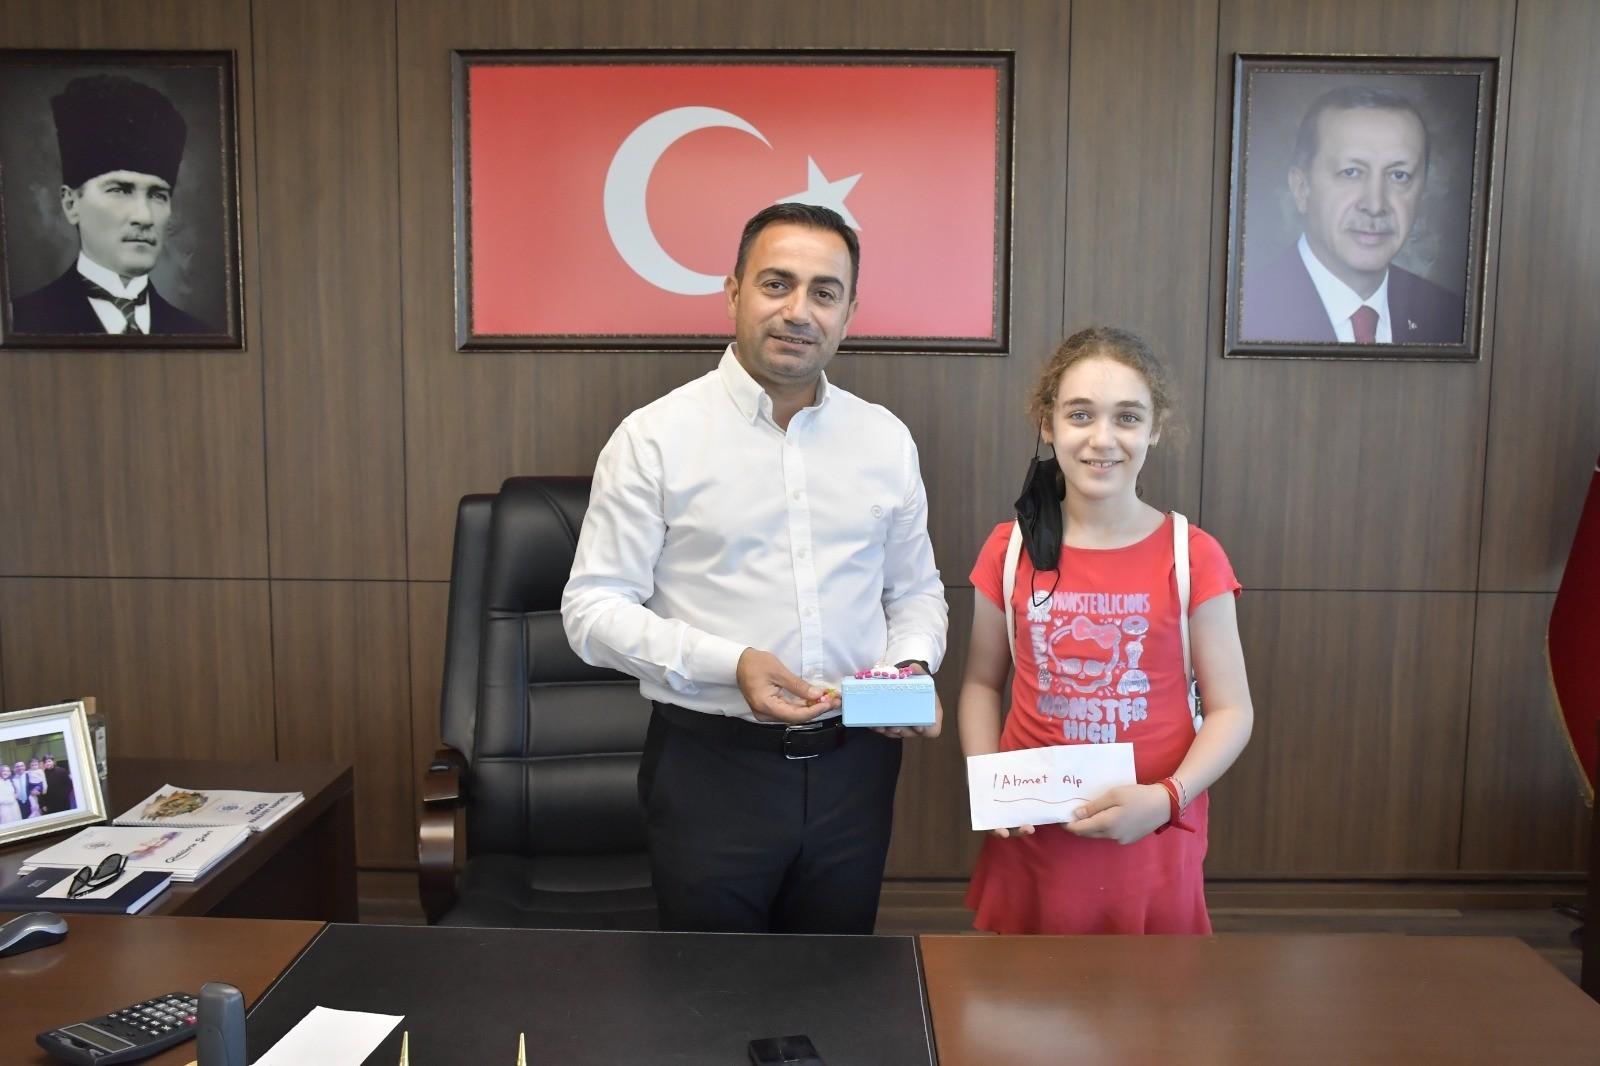 Elifnaz'dan, SMA hastası Ahmet Alp için örnek davranış